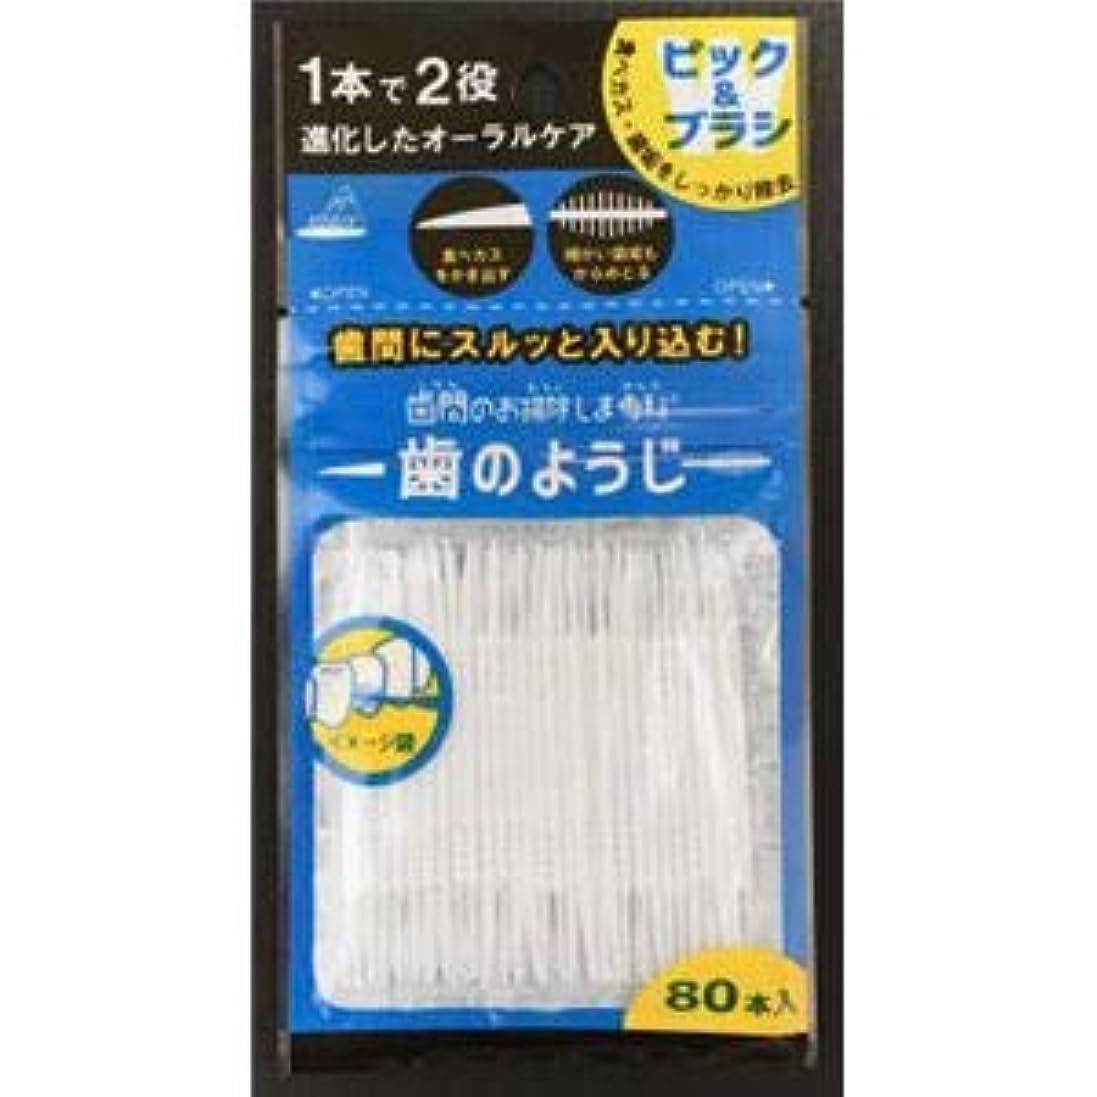 過言波ワイン(まとめ)アヌシ OB-807 歯間のお掃除しま専科 歯のようじ80本入 【×5点セット】